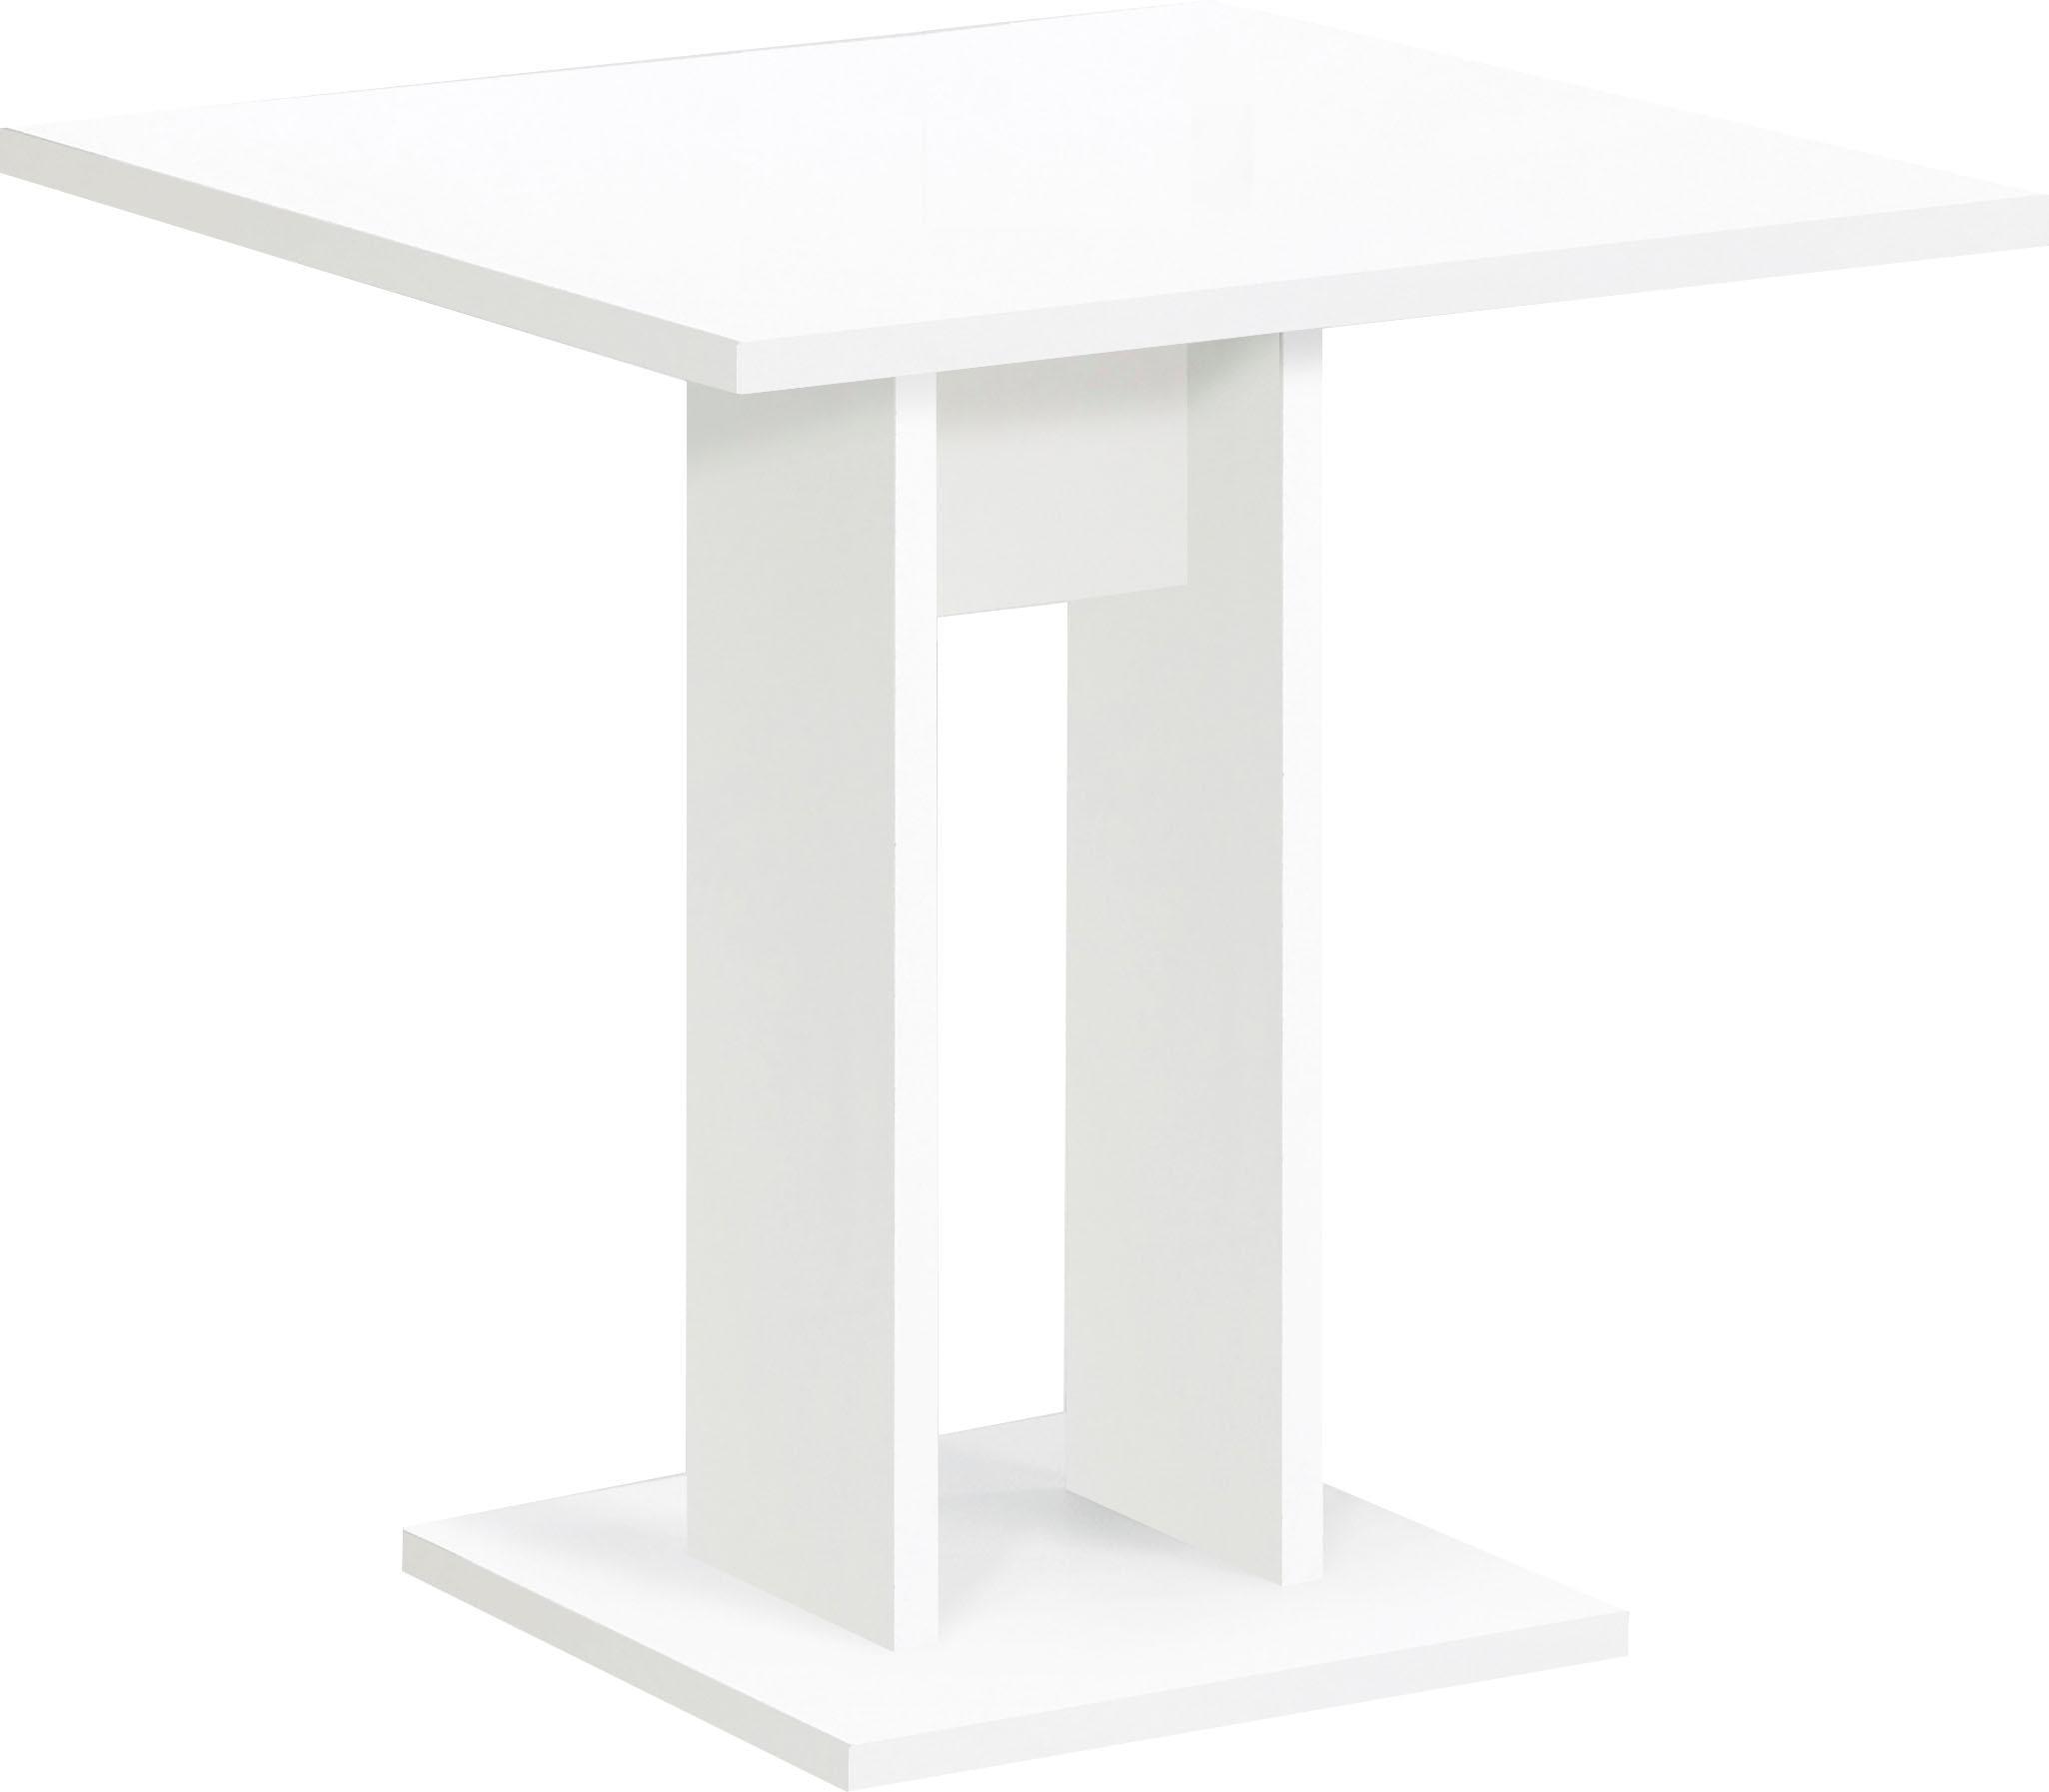 FMD Esstisch, Breite 70 cm weiß Esstisch Esstische rechteckig Tische